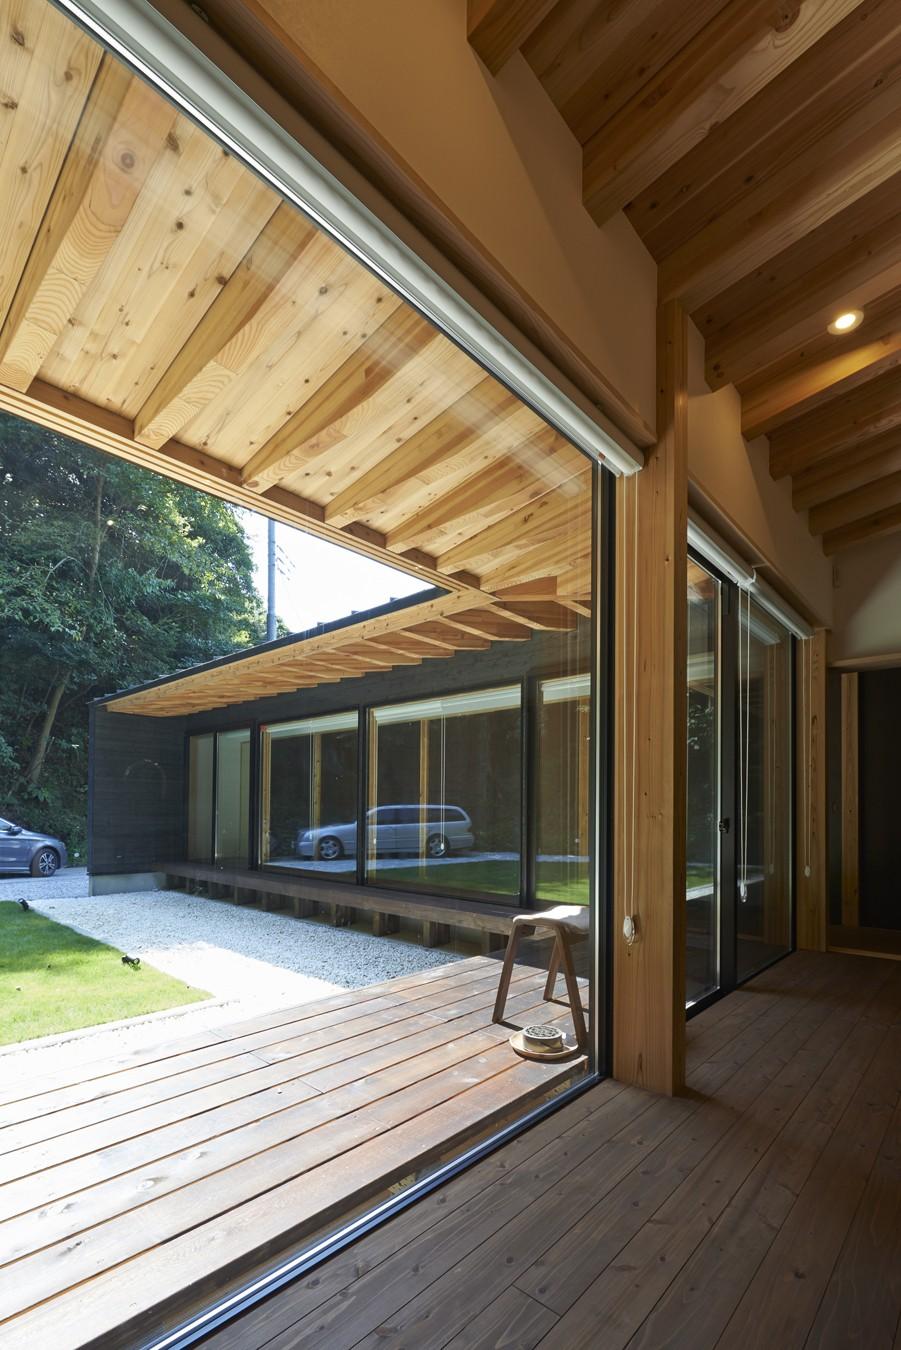 稲村ヶ崎の住宅 - 建物と自然からうまれる平屋中庭住宅 - (リビングと縁側の連続的空間)